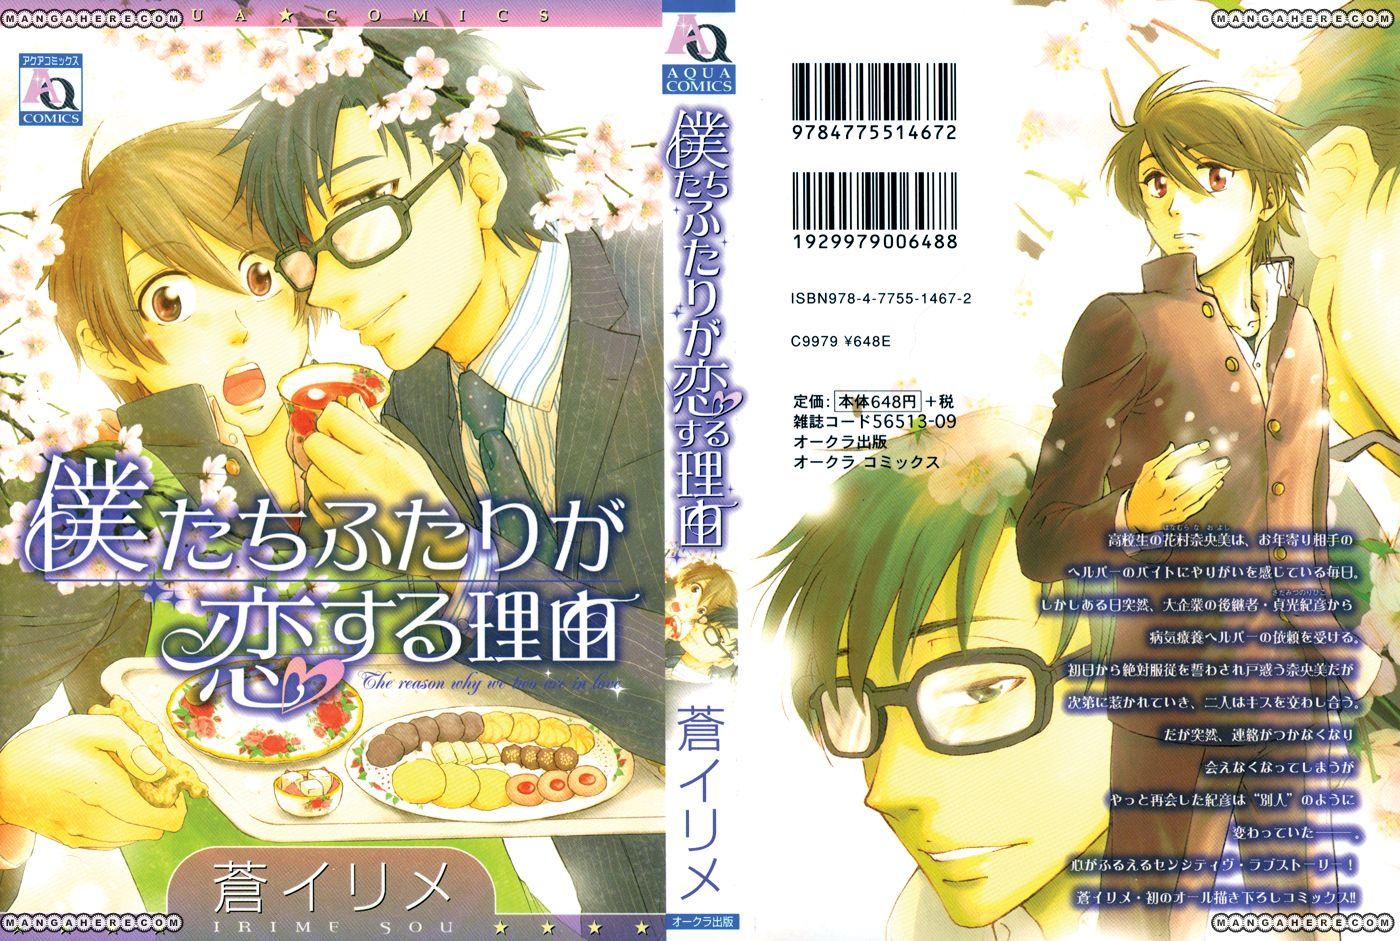 Bokutachi Futari ga Koisuru Riyuu 5 Page 2